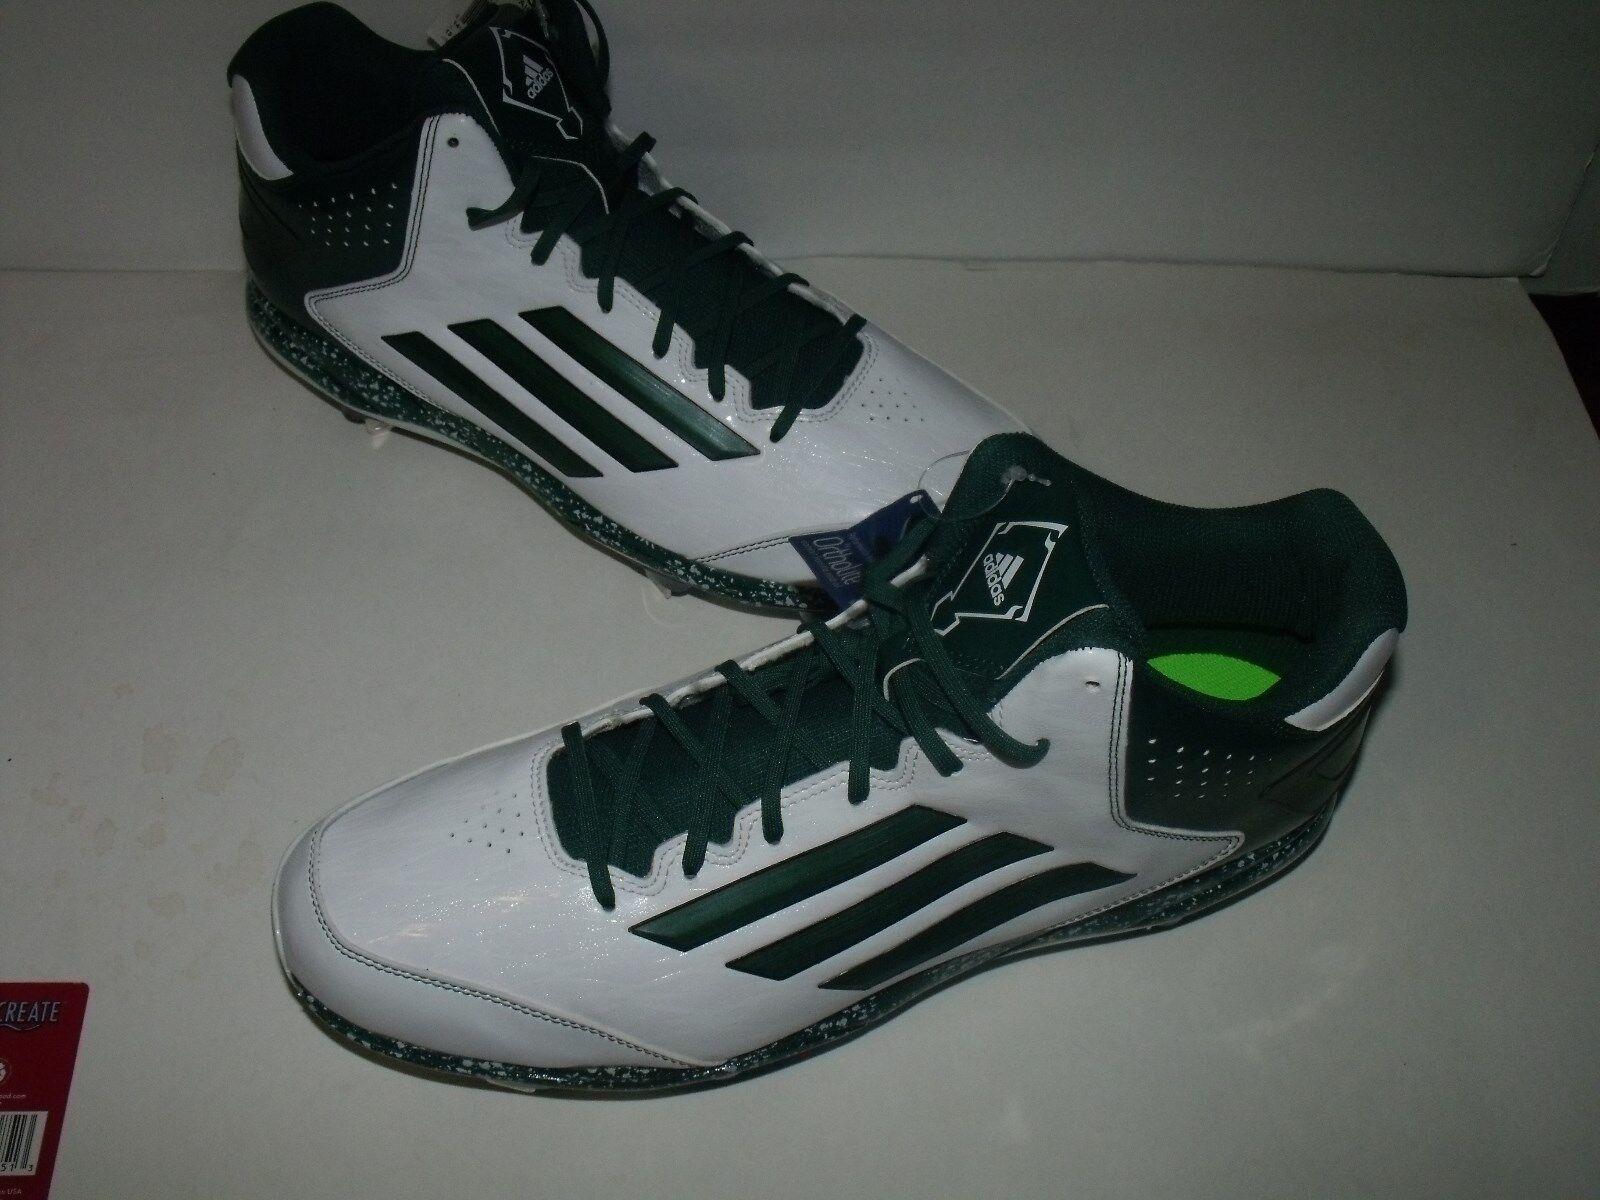 Adidas power vicolo 2 2 2 uomini metà metal scarpe da baseball (bianco   verde) nuovo mens sz 16 | Nuove Varietà Vengono Introdotti Uno Dopo L'altro  b9fc74